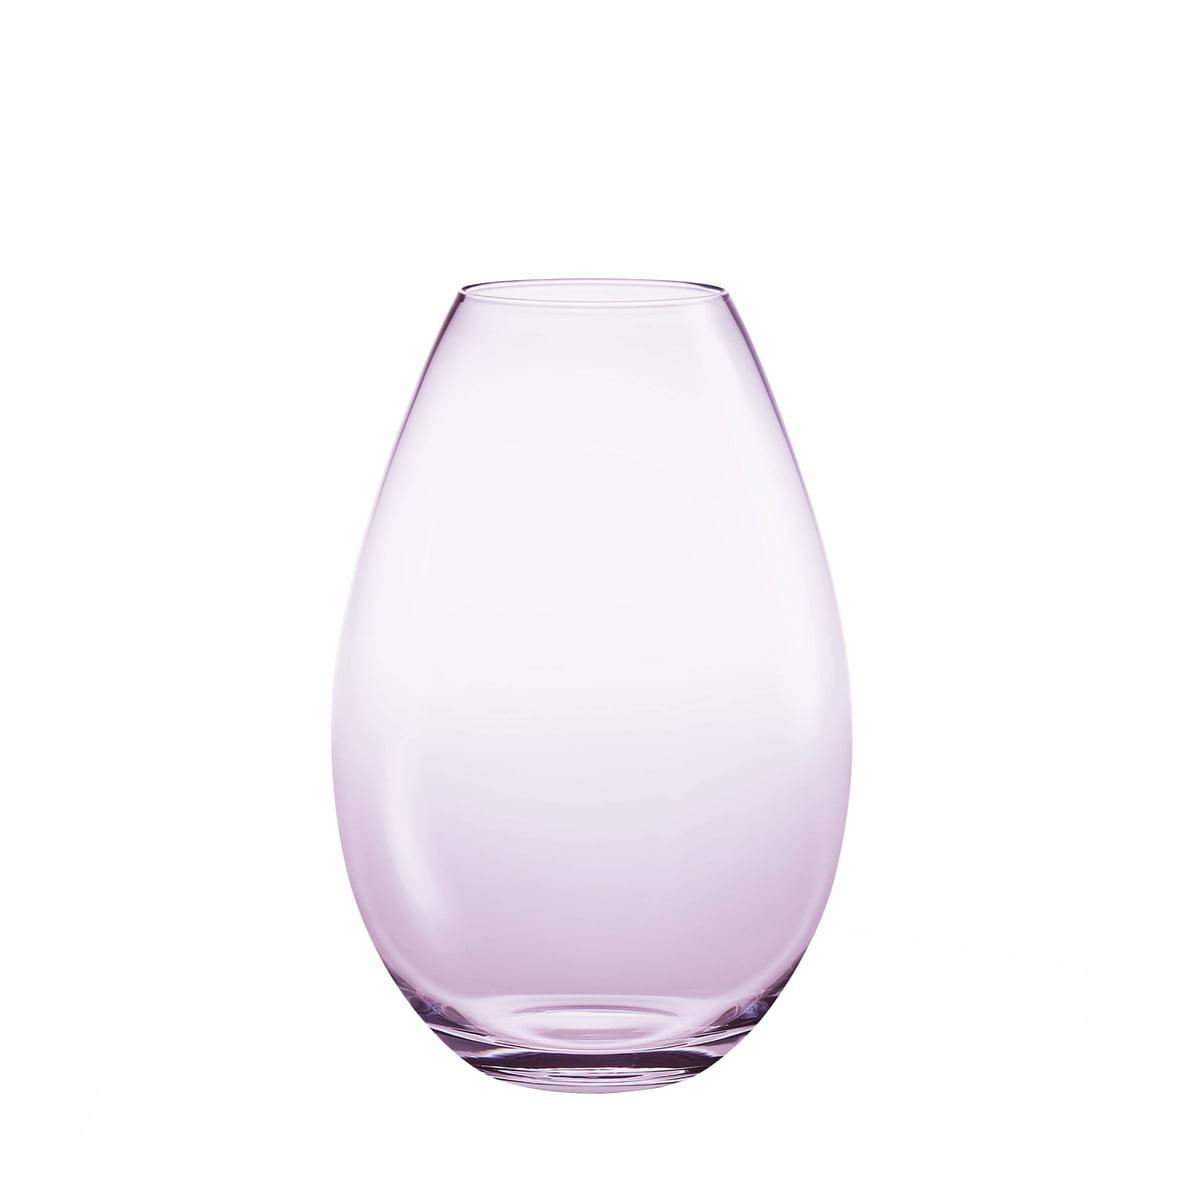 Cocoon vase von holmegaard im wohndesign shop for Wohndesign vasen